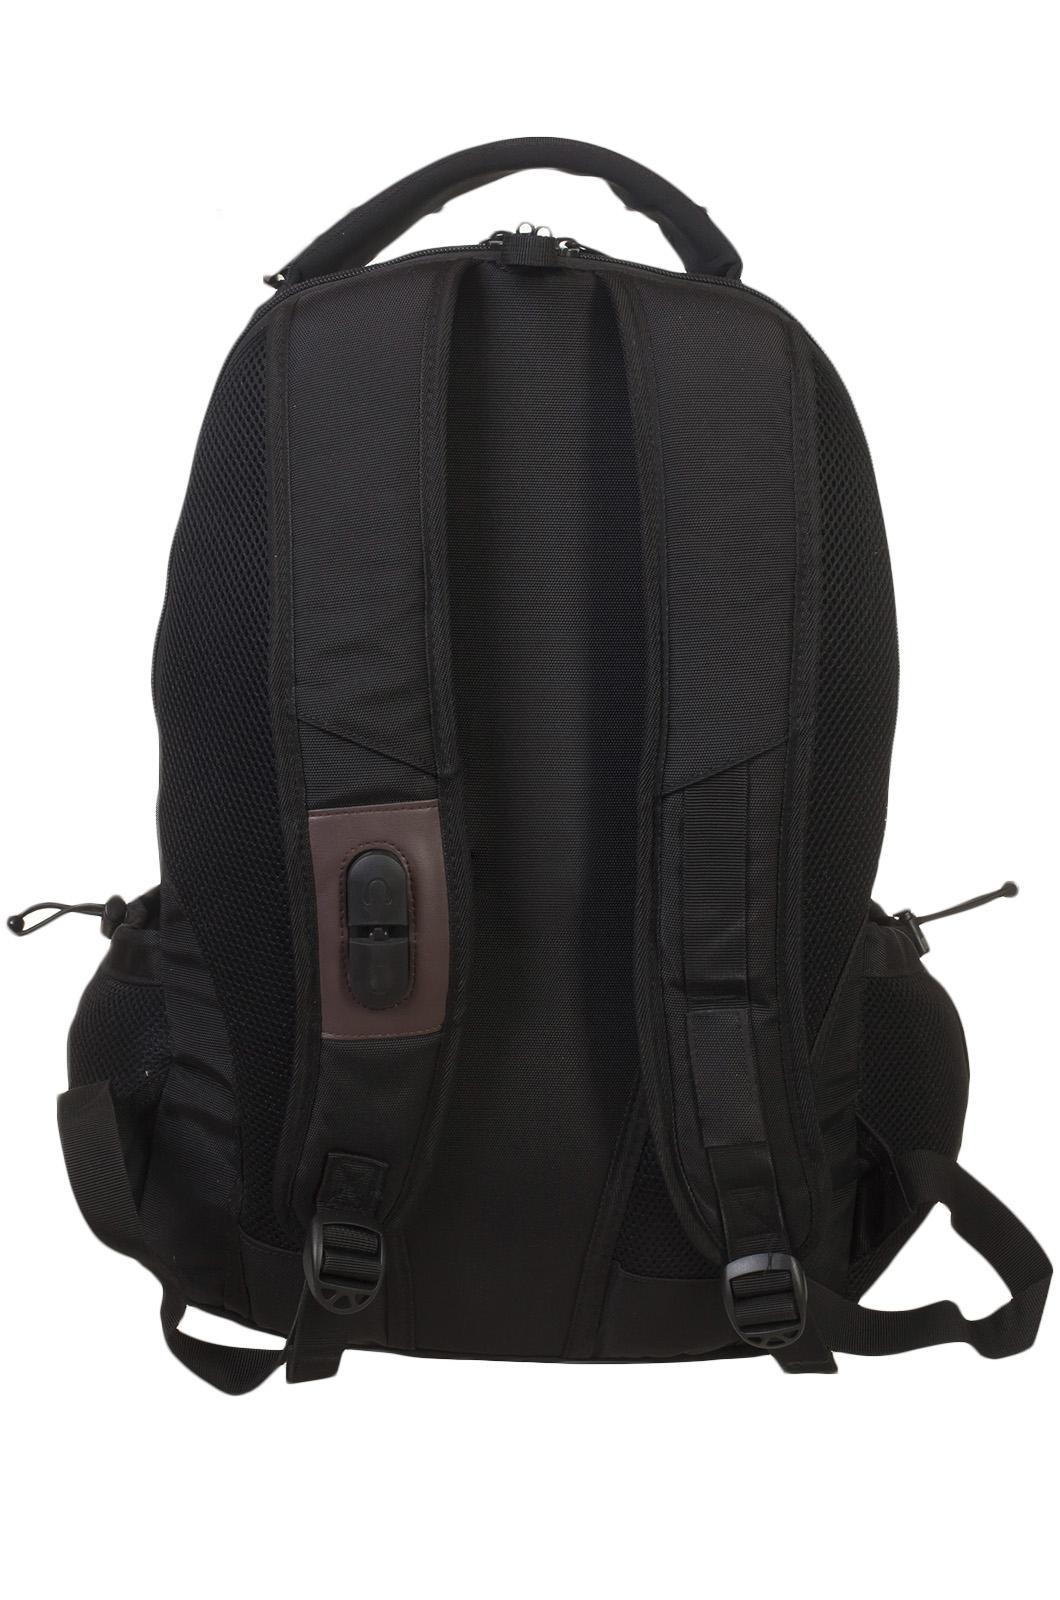 Черный универсальный рюкзак с нашивкой ДПС - купить в розницу